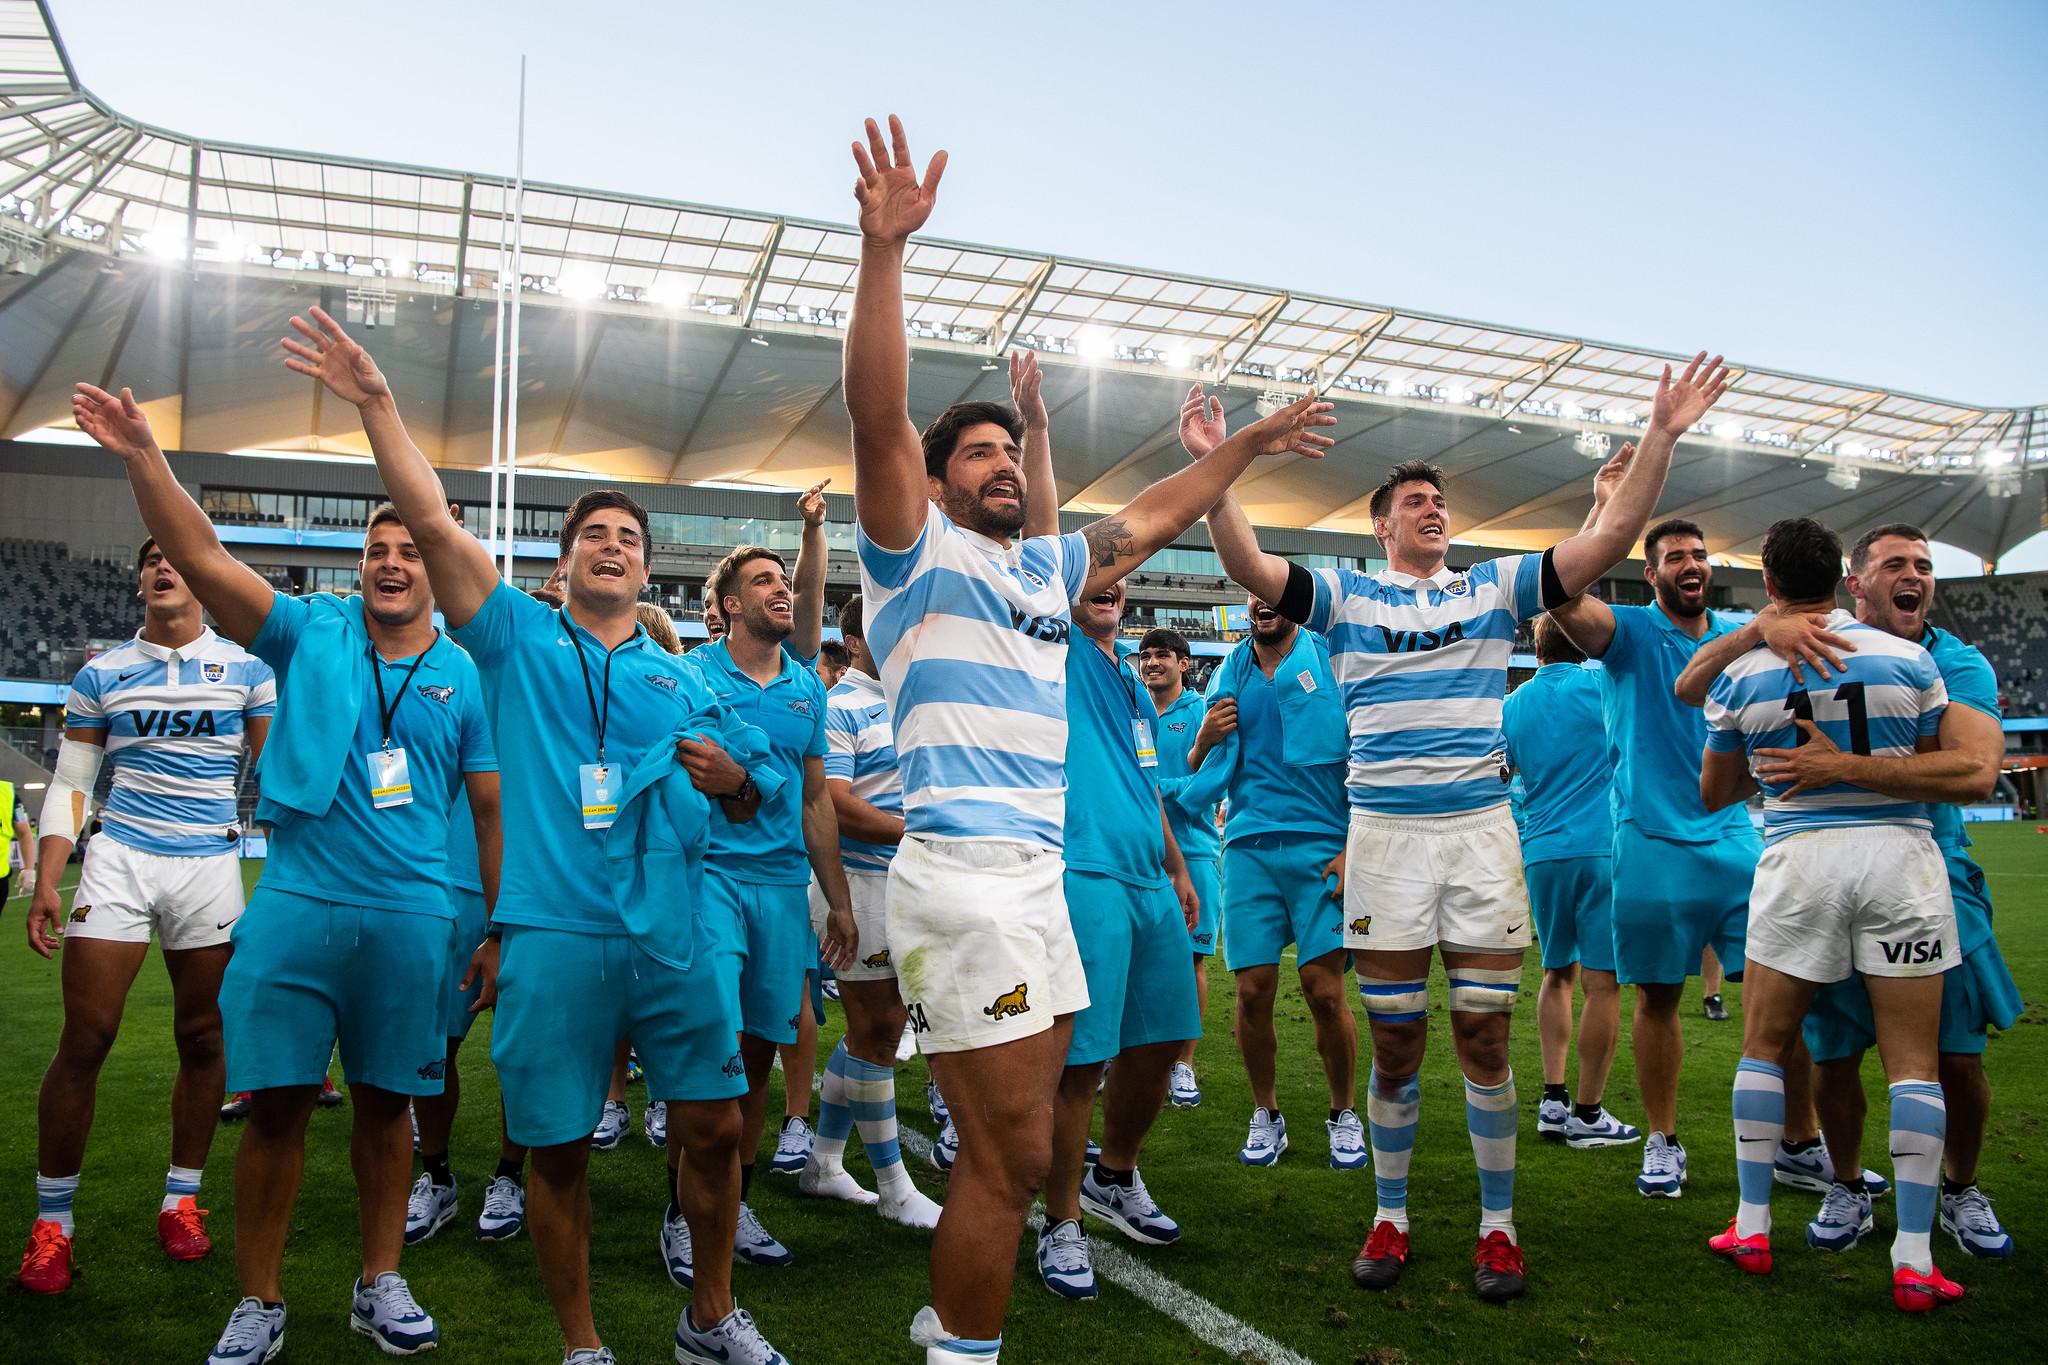 Histórico! Los Pumas le ganaron por primera vez a los All Blacks, y Australia fue el escenario – Diario El Ciudadano y la Región